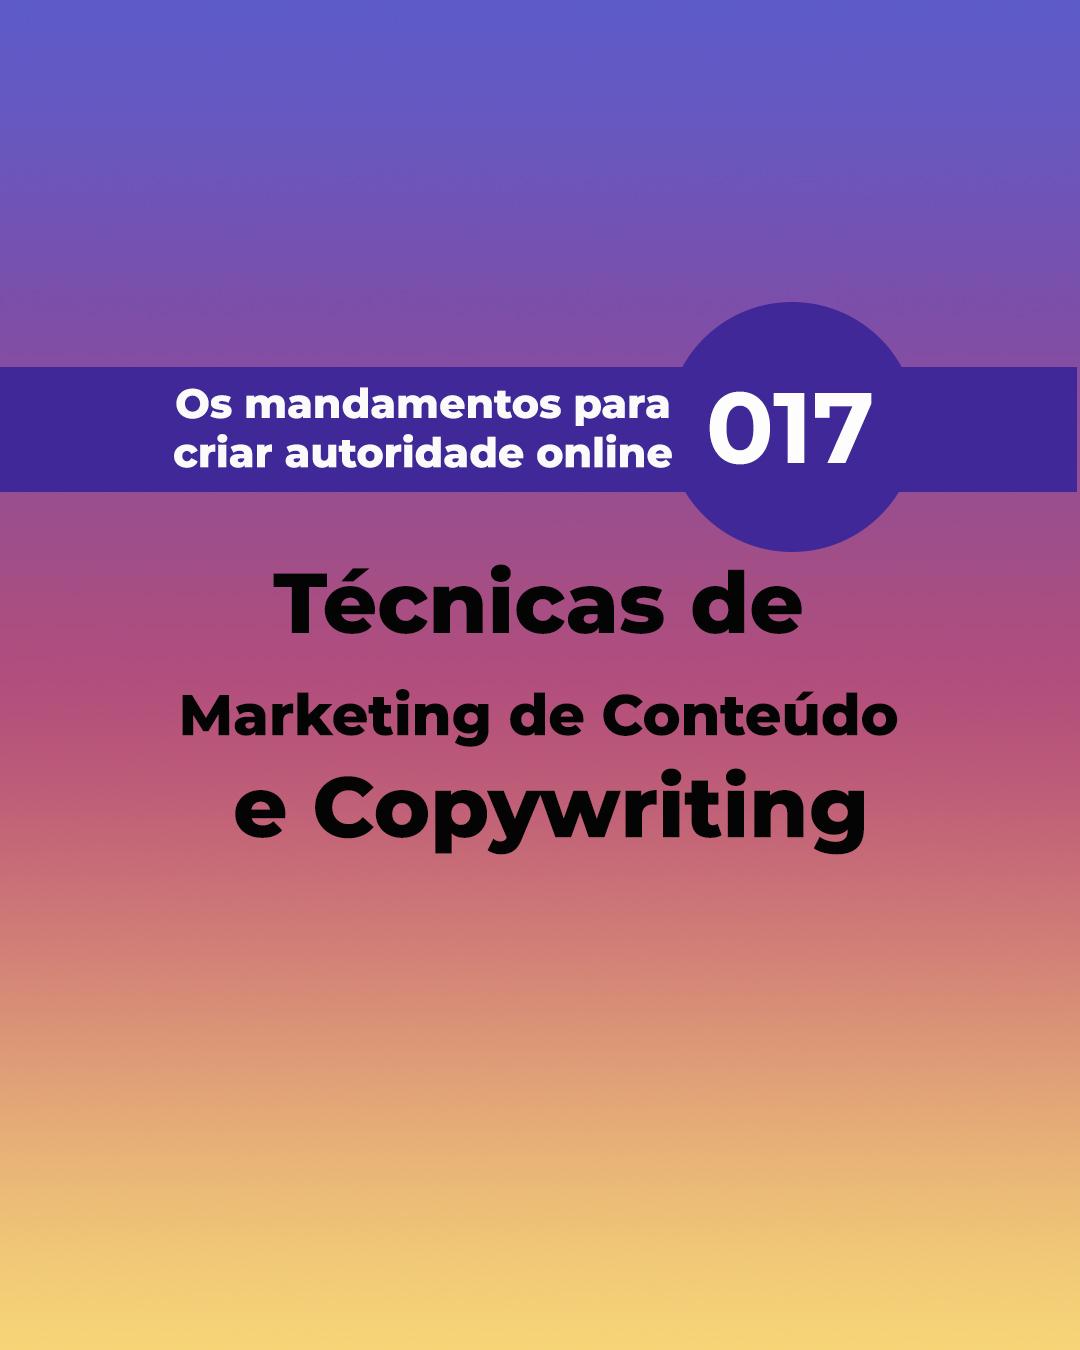 017 Técnicas de Marketing de Conteúdo e Copywriting